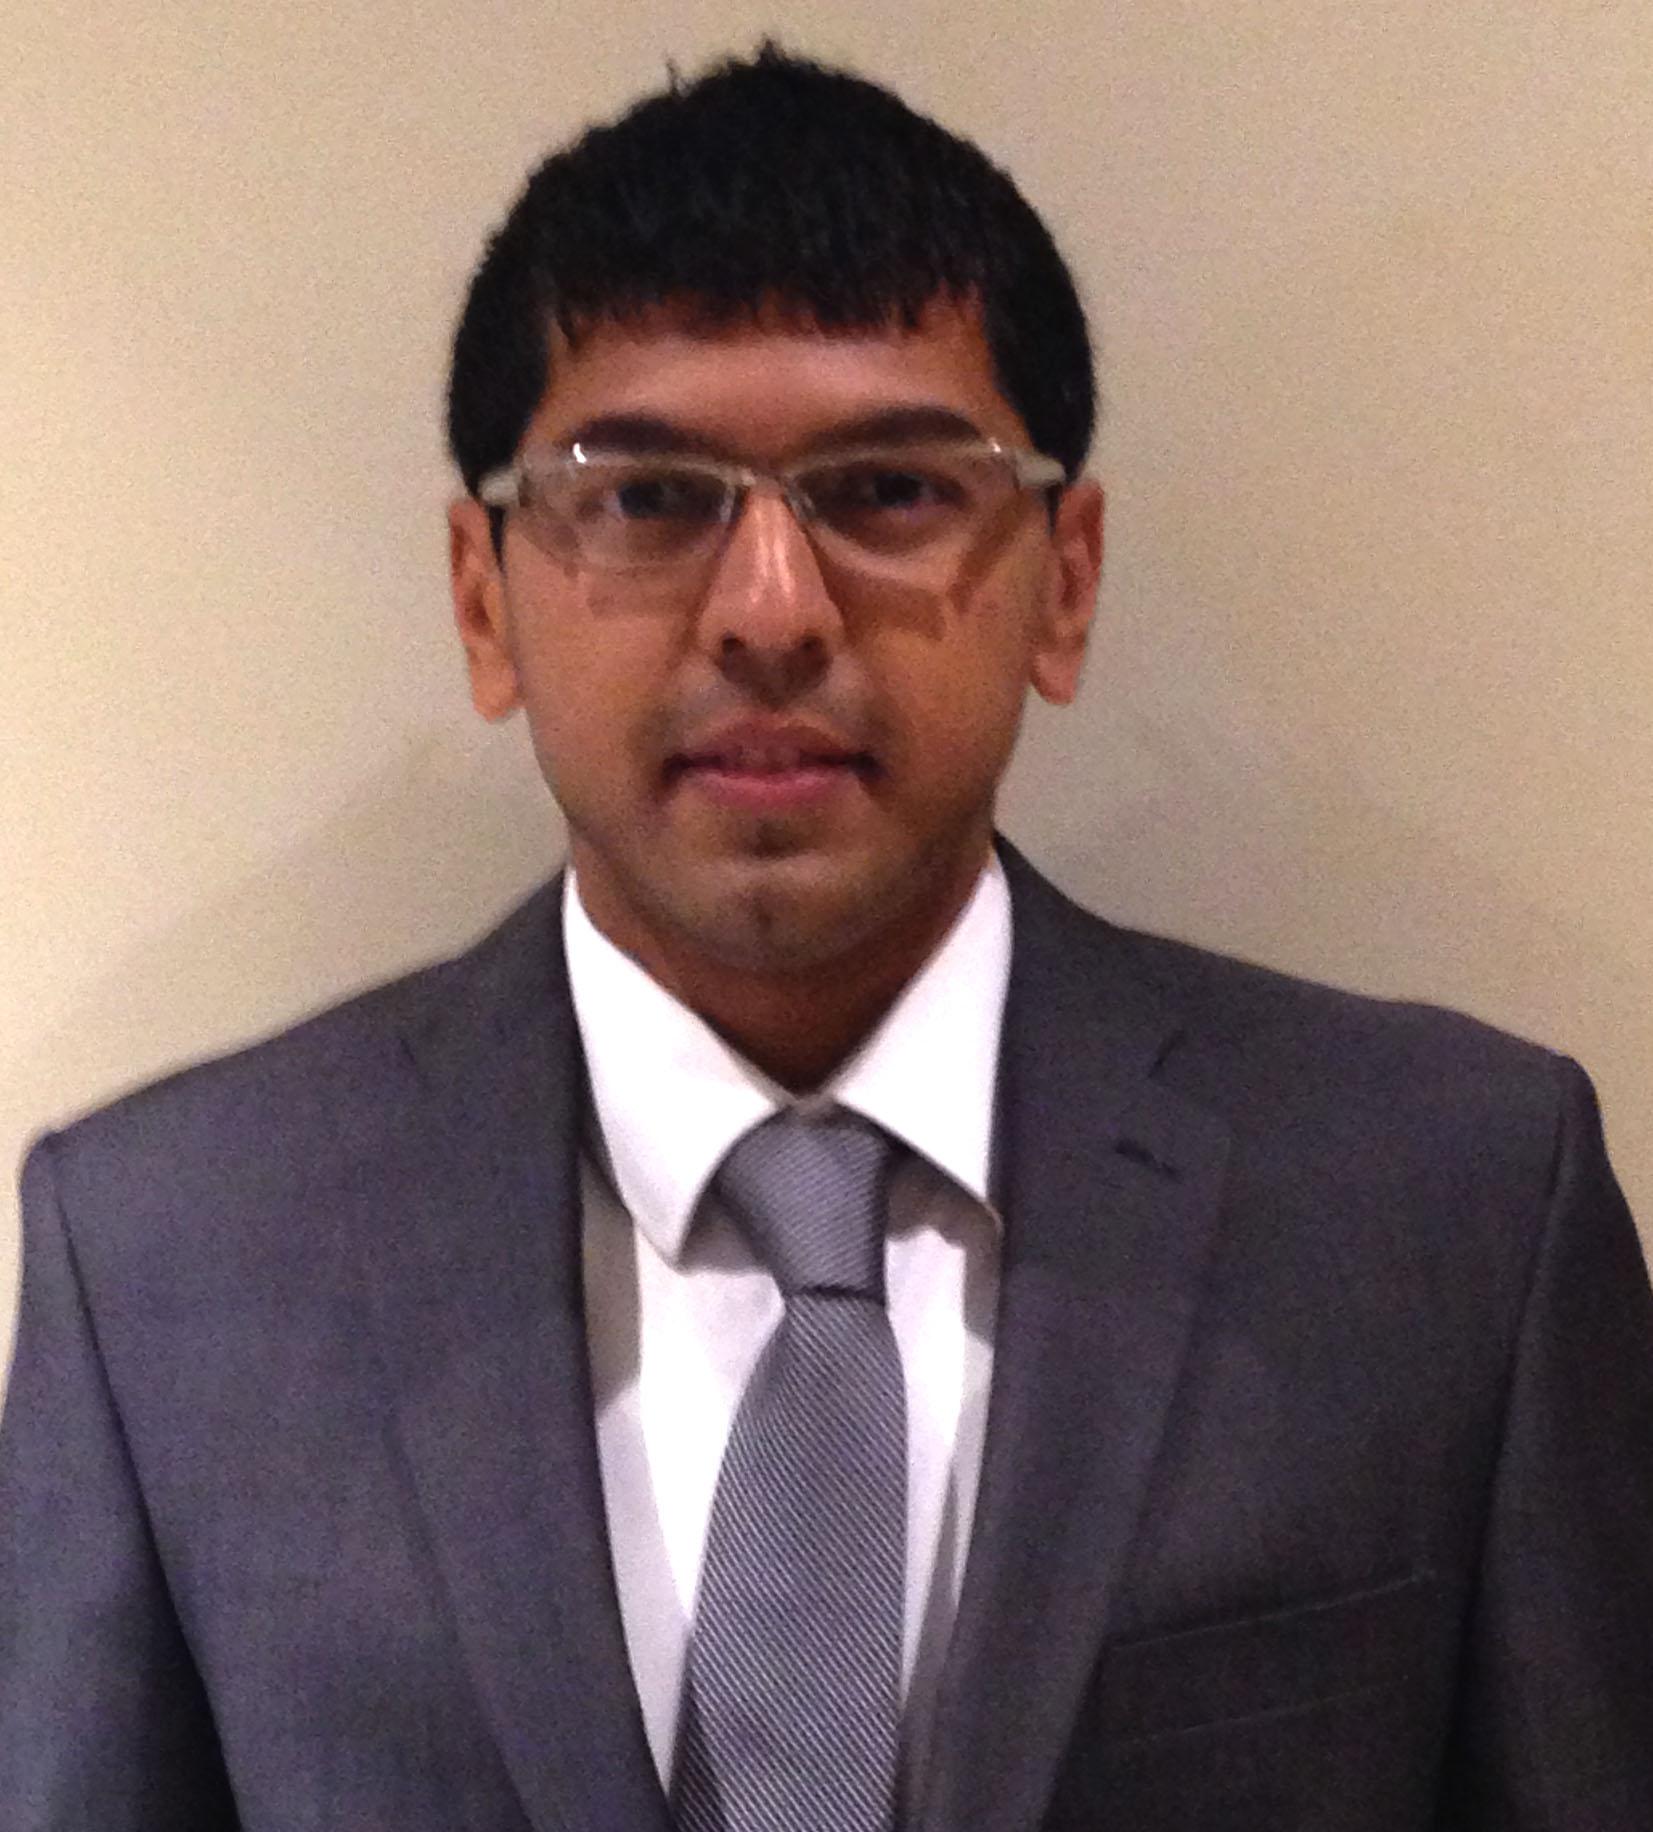 Murtaza Saifuddin, BComm, MMPA